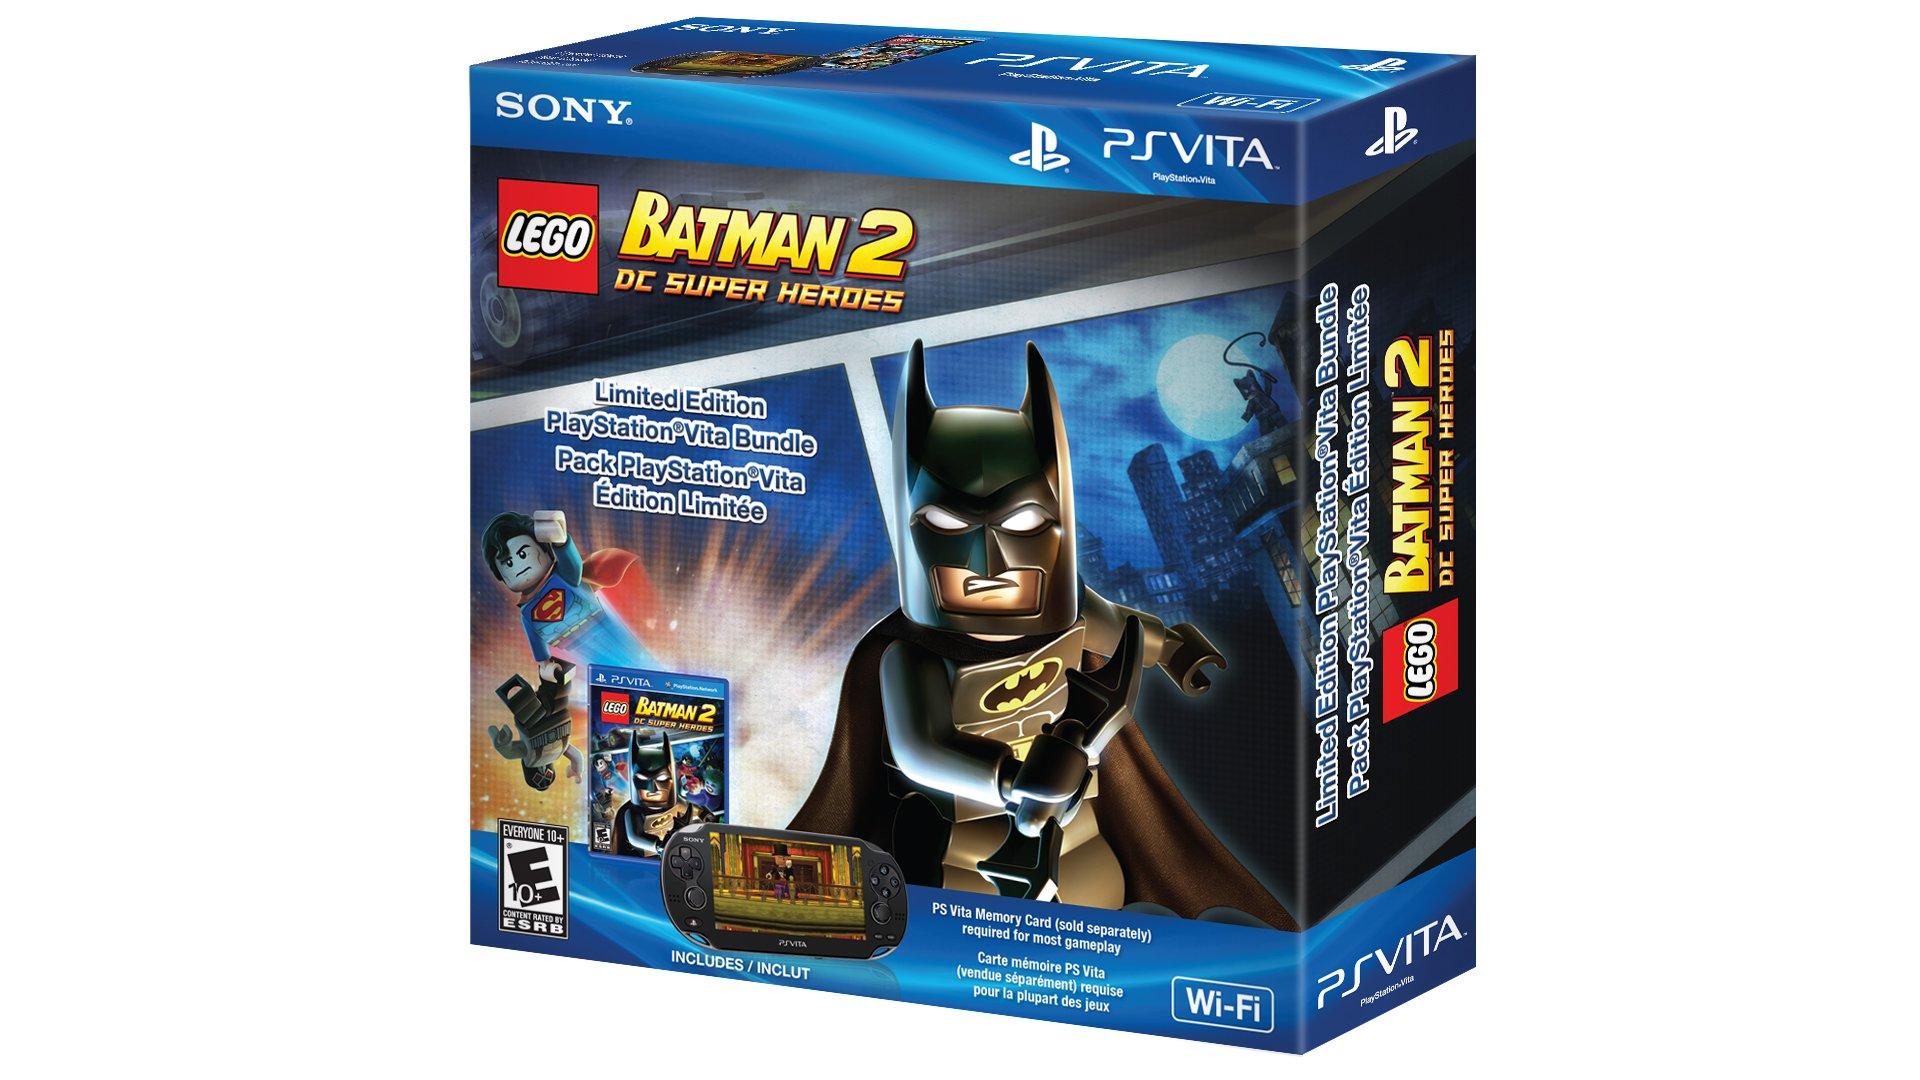 PlayStation Vita LEGO Batman 2 DC Super Heroes Wi-Fi Bundle by Sony